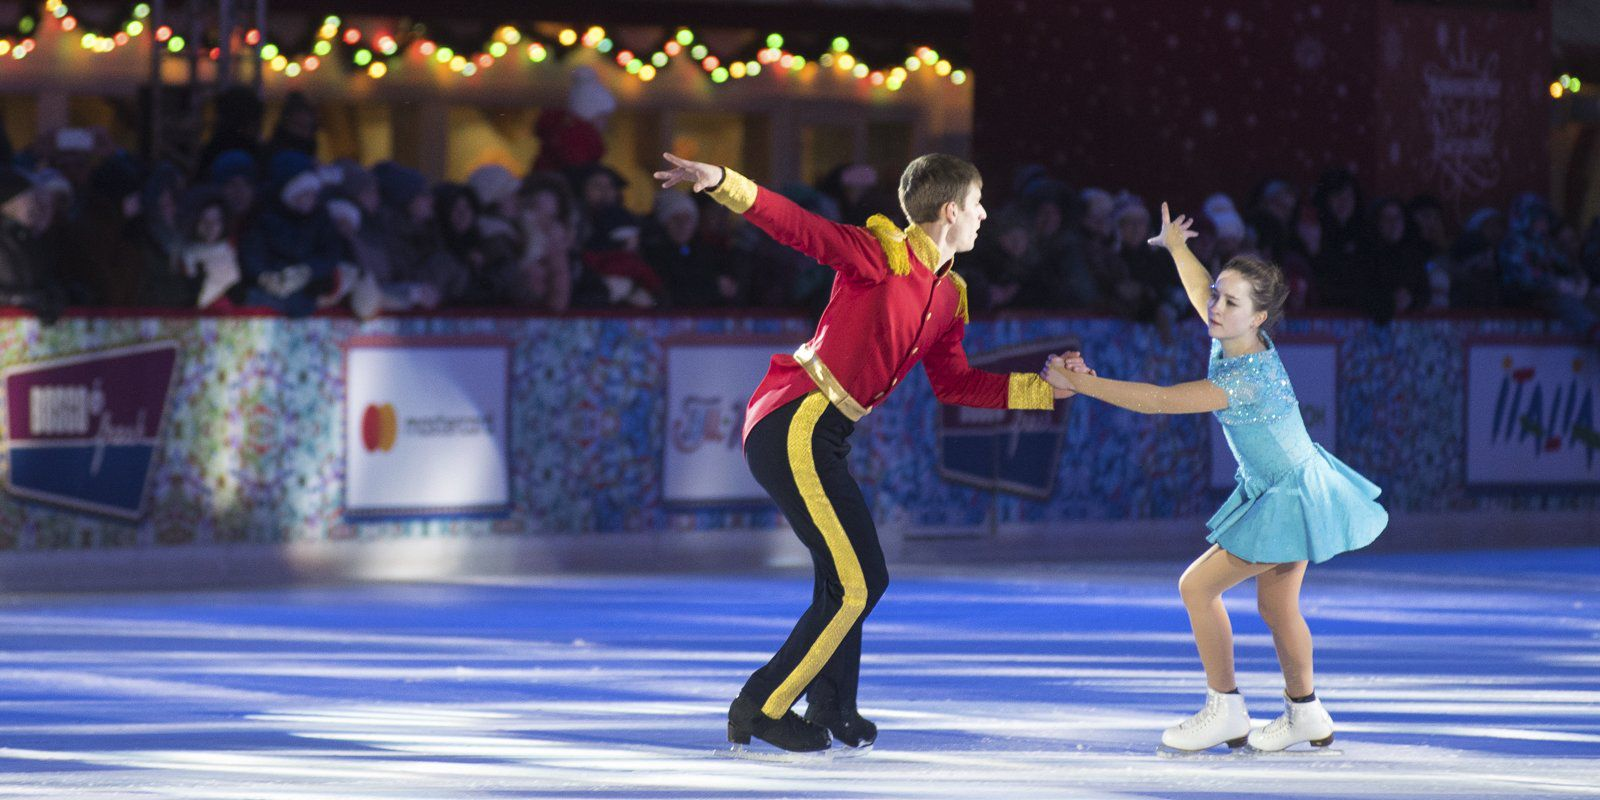 Ледовые спектакли в постановке Евгения Плющенко фото 2